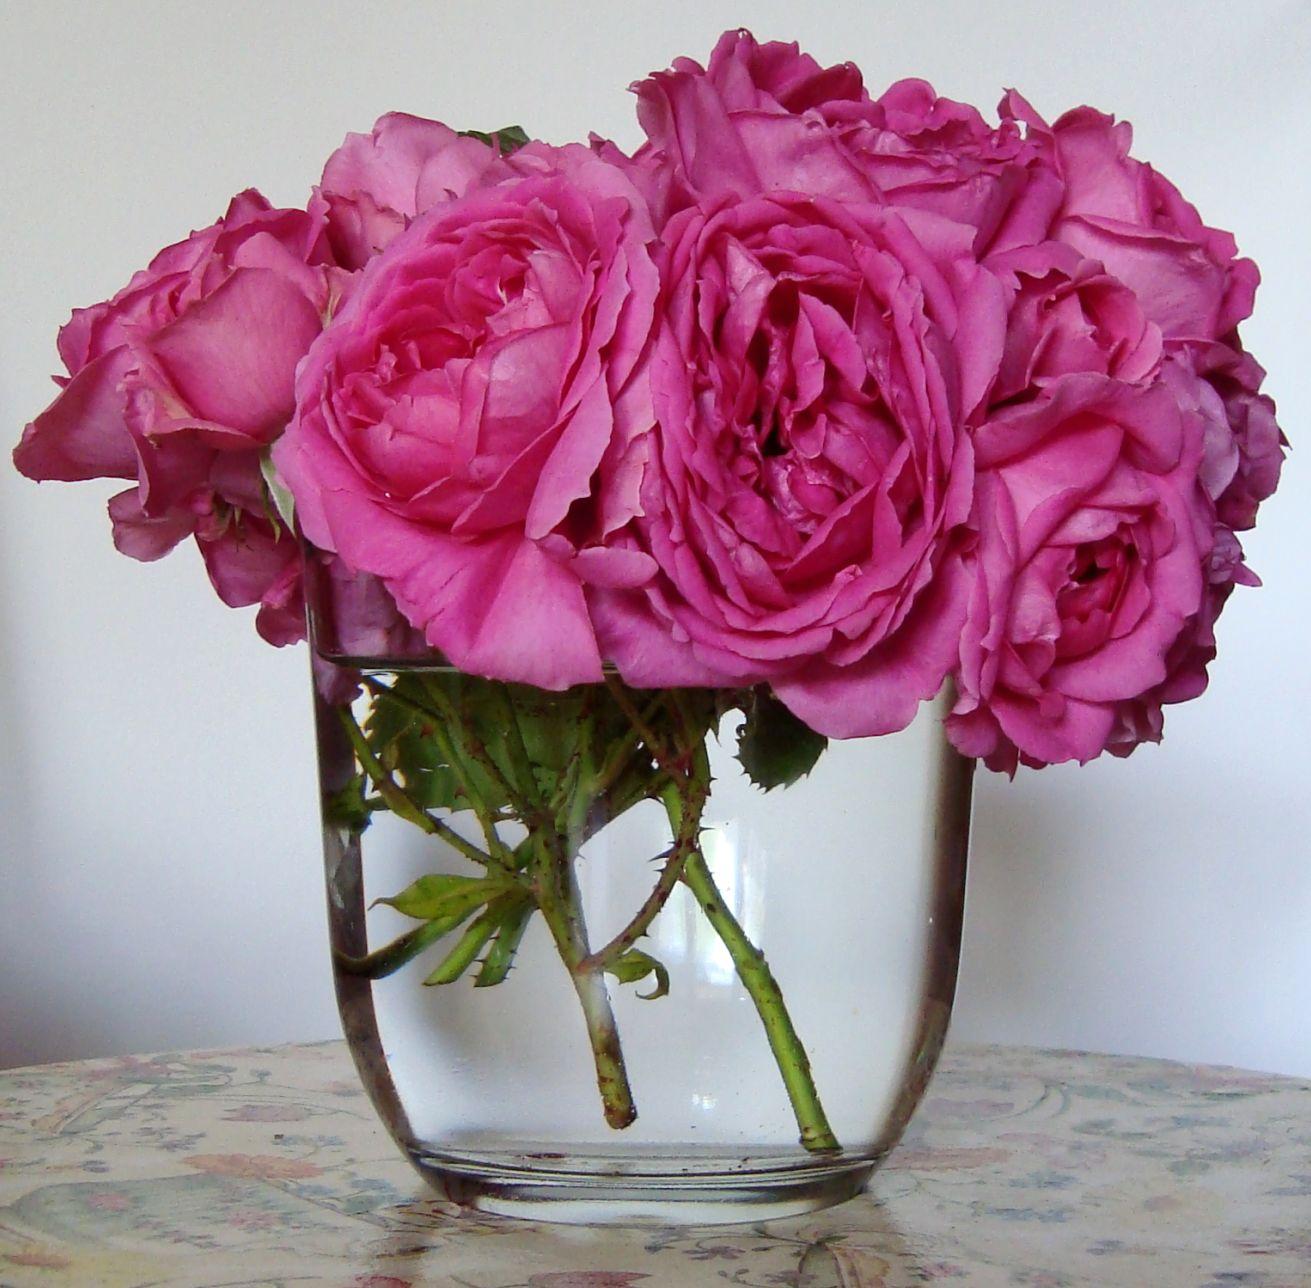 Giardino Cosa Piantare A Febbraio: FIORE RARO: Le Rose Del Giardino